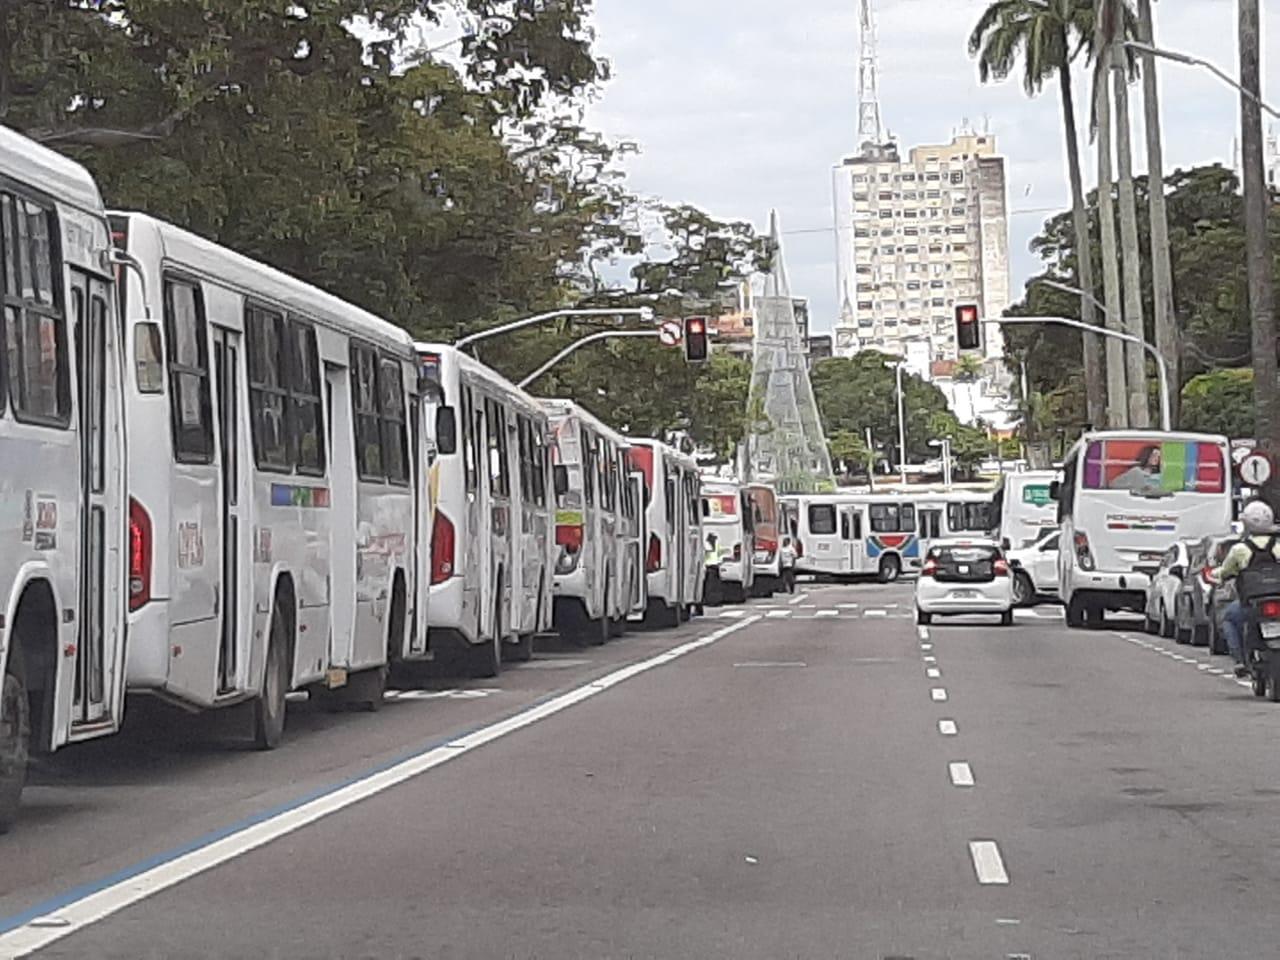 3fecdf51 f2c2 489d 9afb c38eaca9da9a - VEÍCULOS PARADOS: Motoristas de transportes coletivos paralisam atividades e ocupam Parque da Lagoa